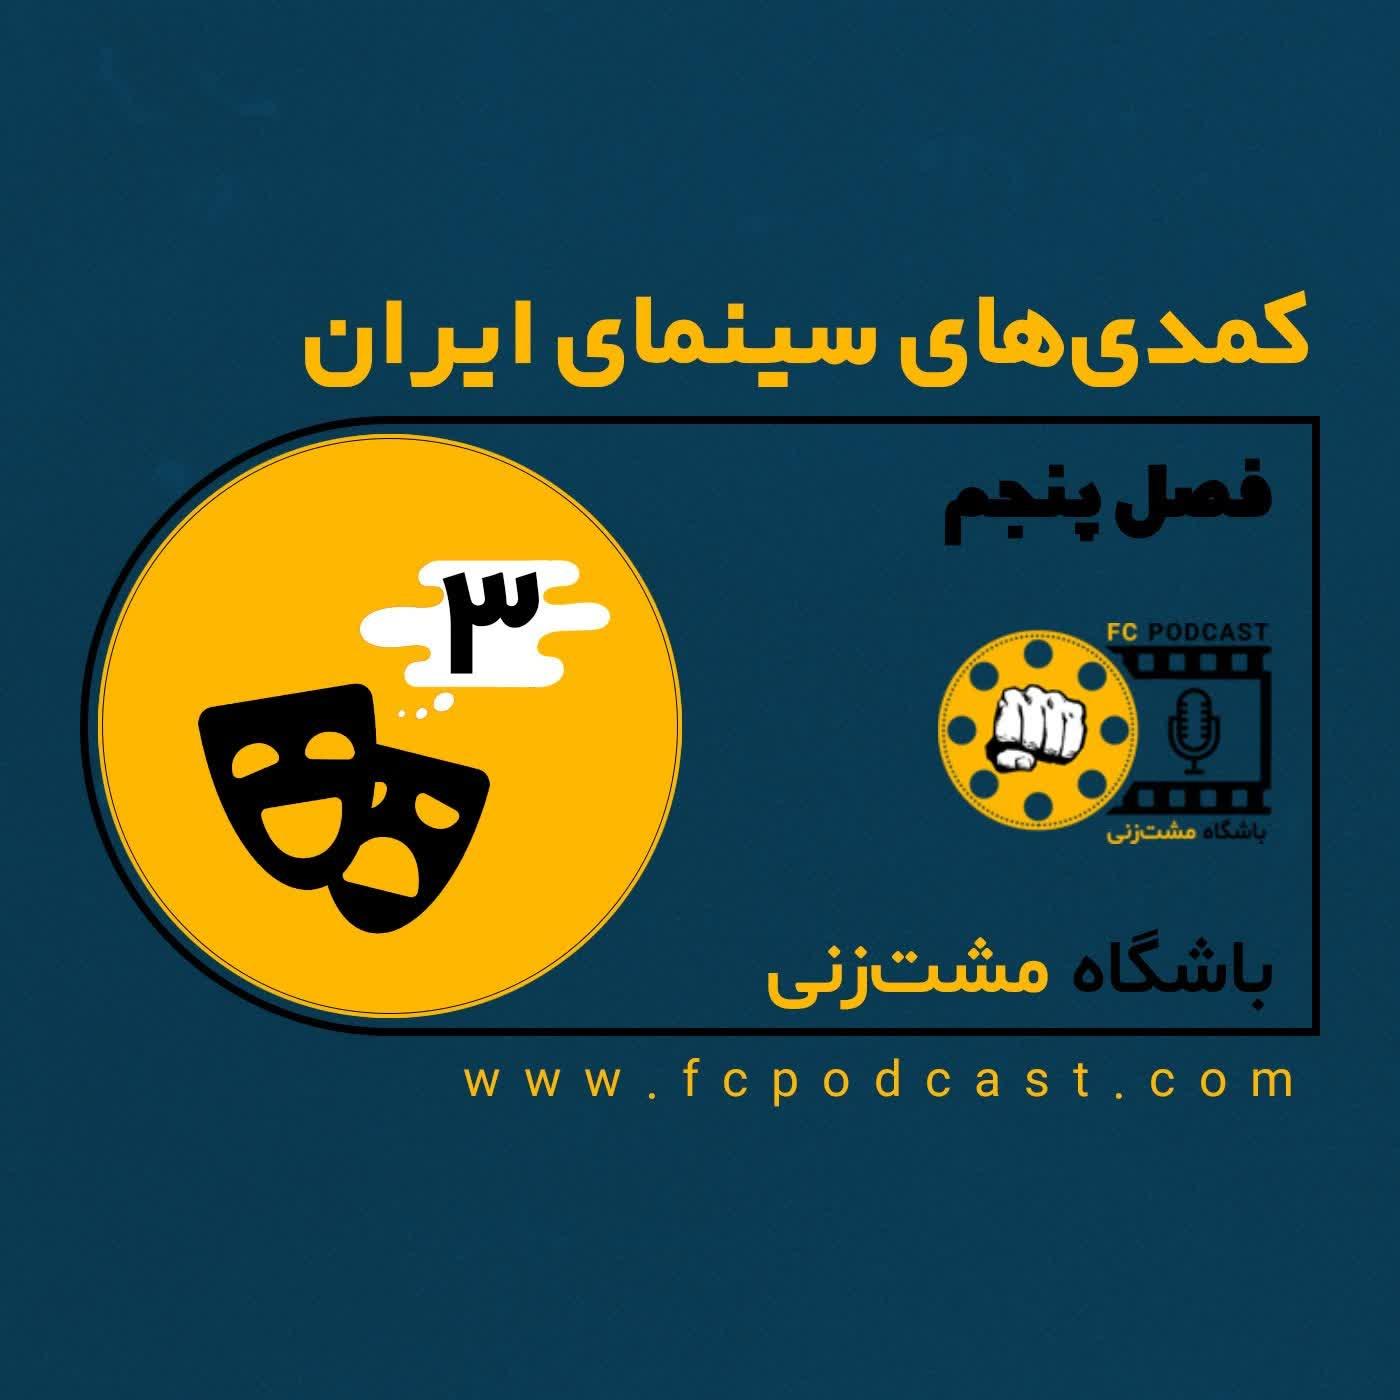 فصل پنجم (کمدی های سینمای ایران) - اپیزود سوم